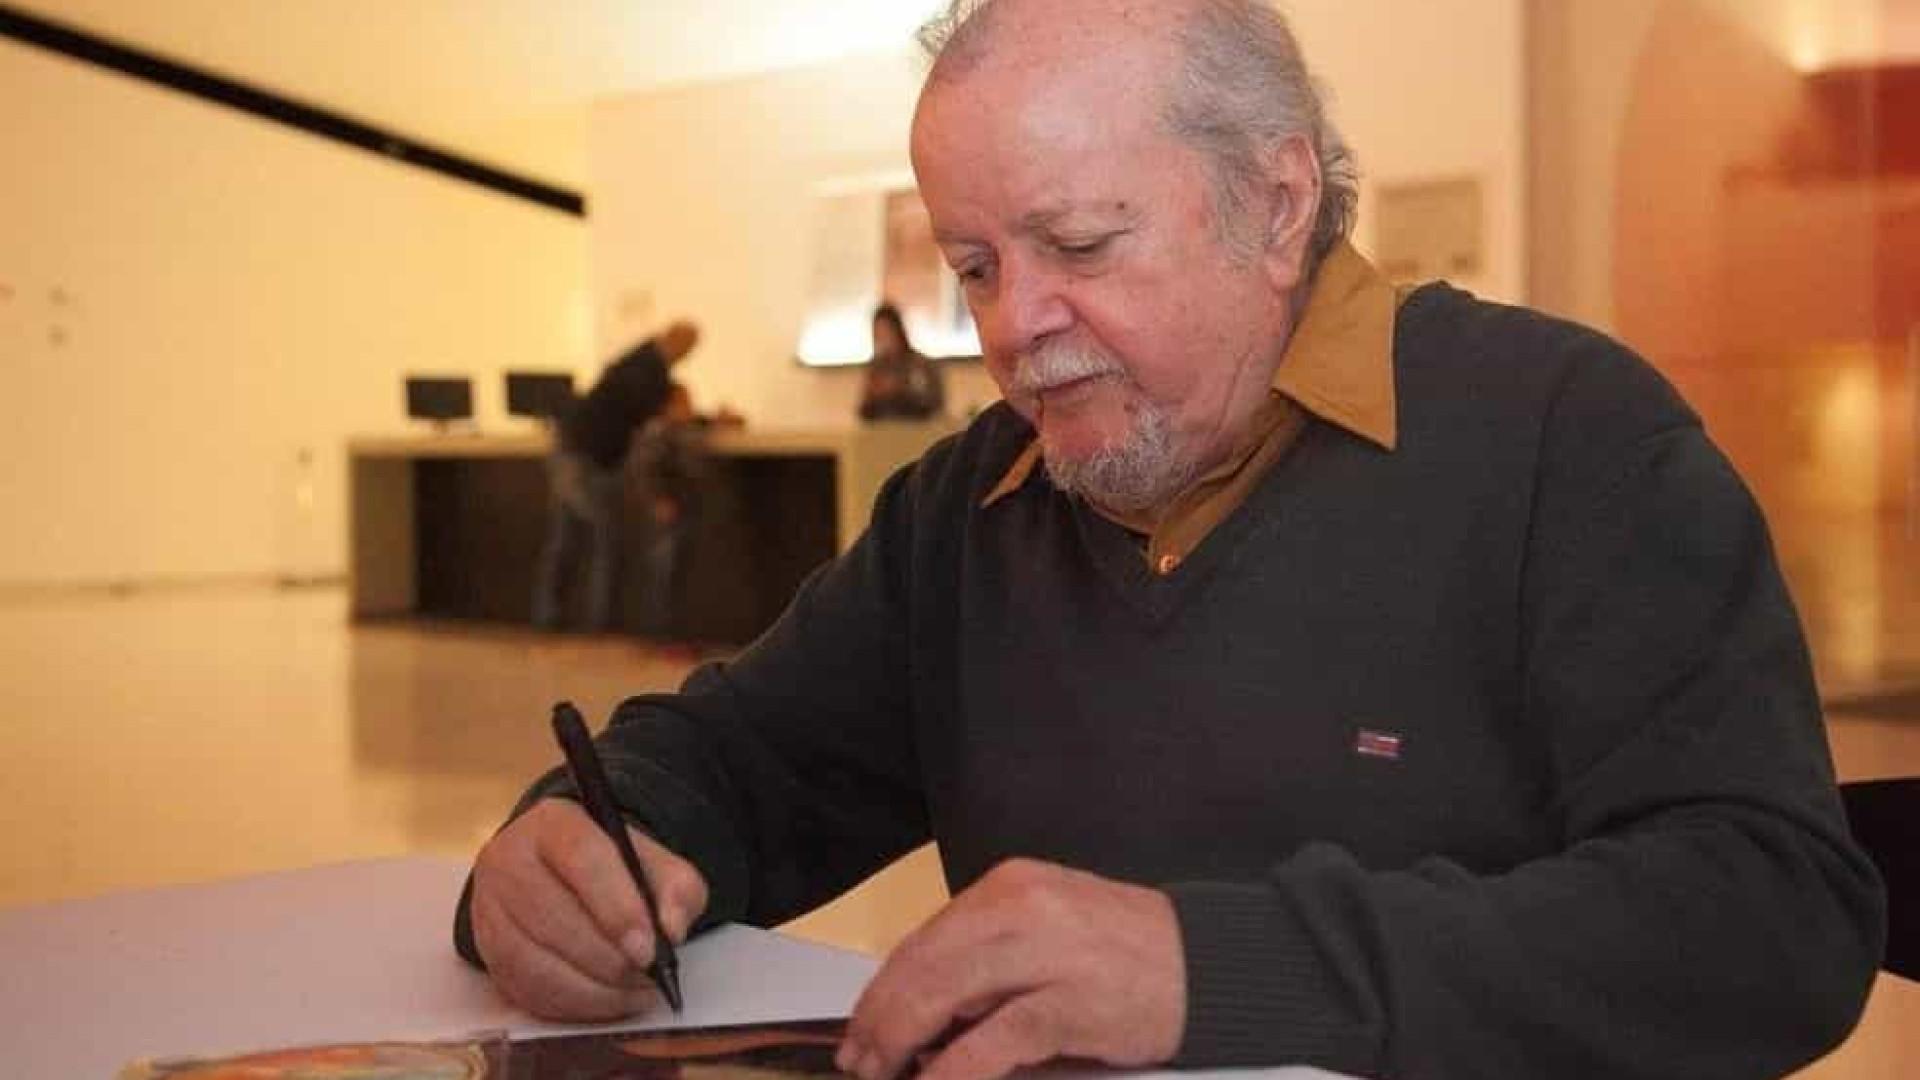 Morre Sebastião Tapajós, um dos maiores violonistas brasileiros